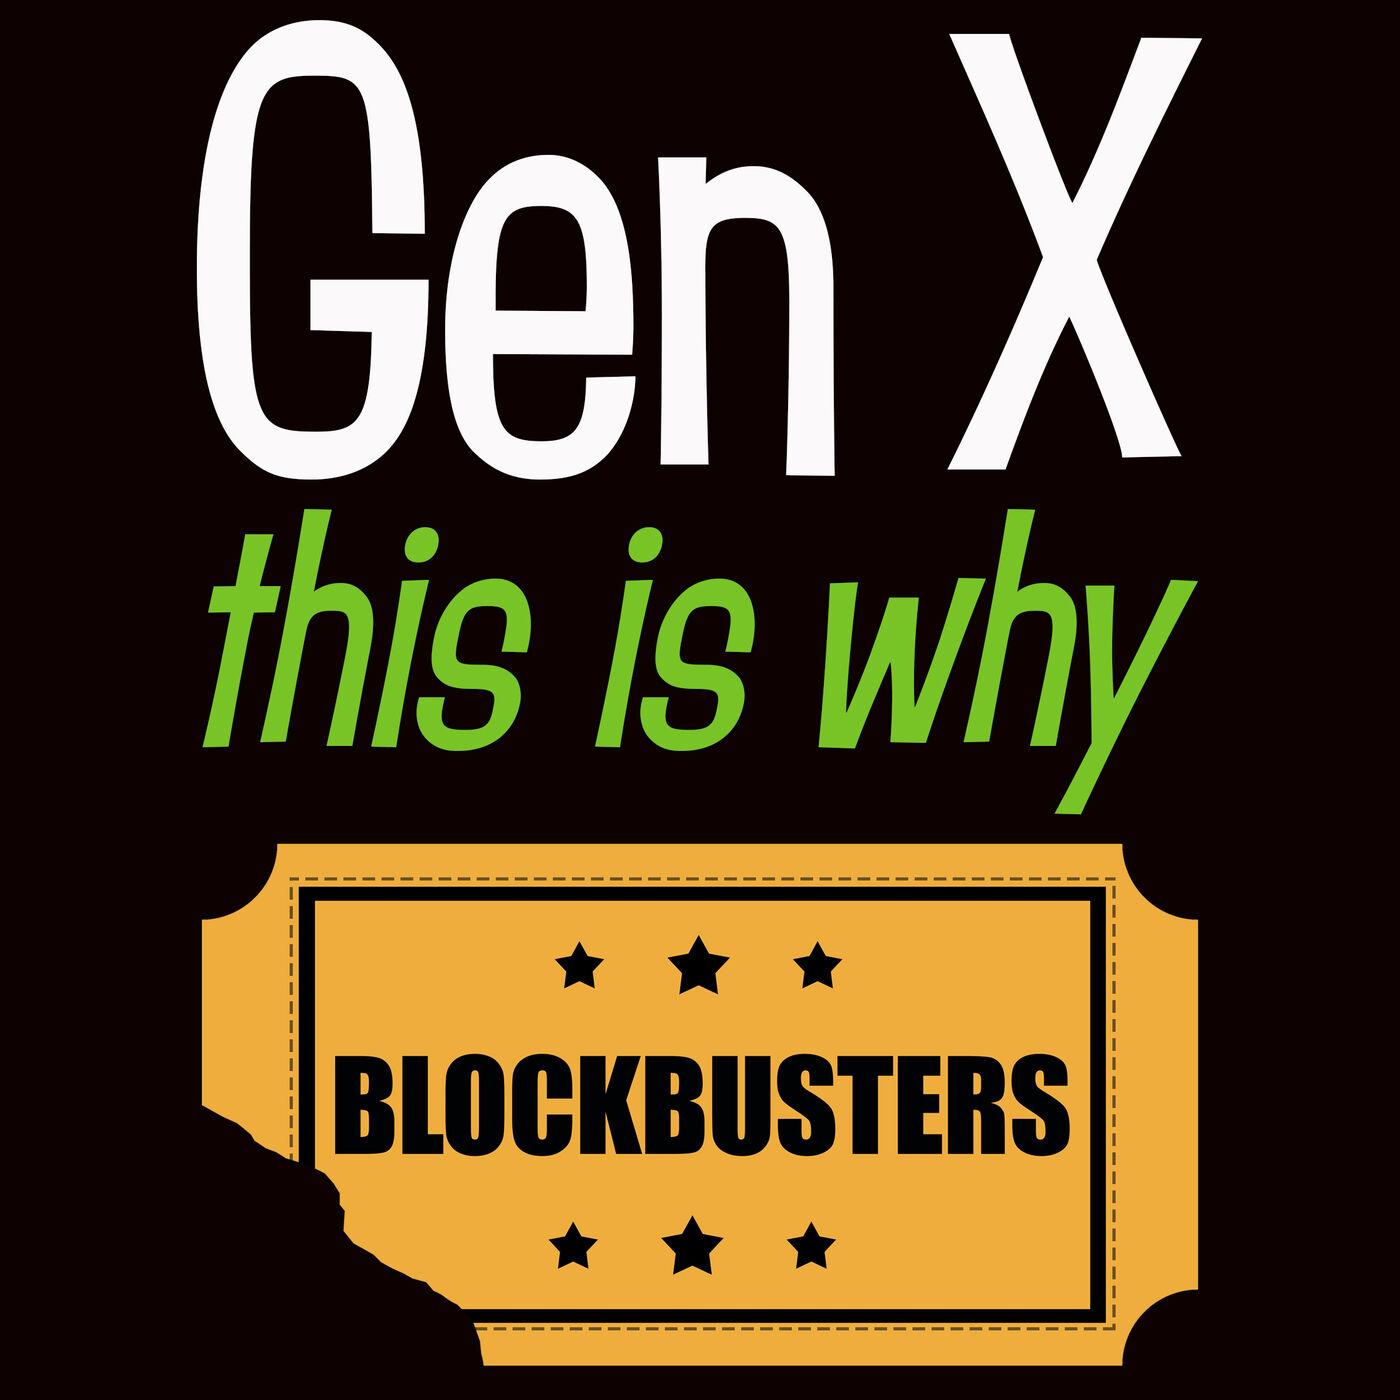 Blockbusters: Top Gun